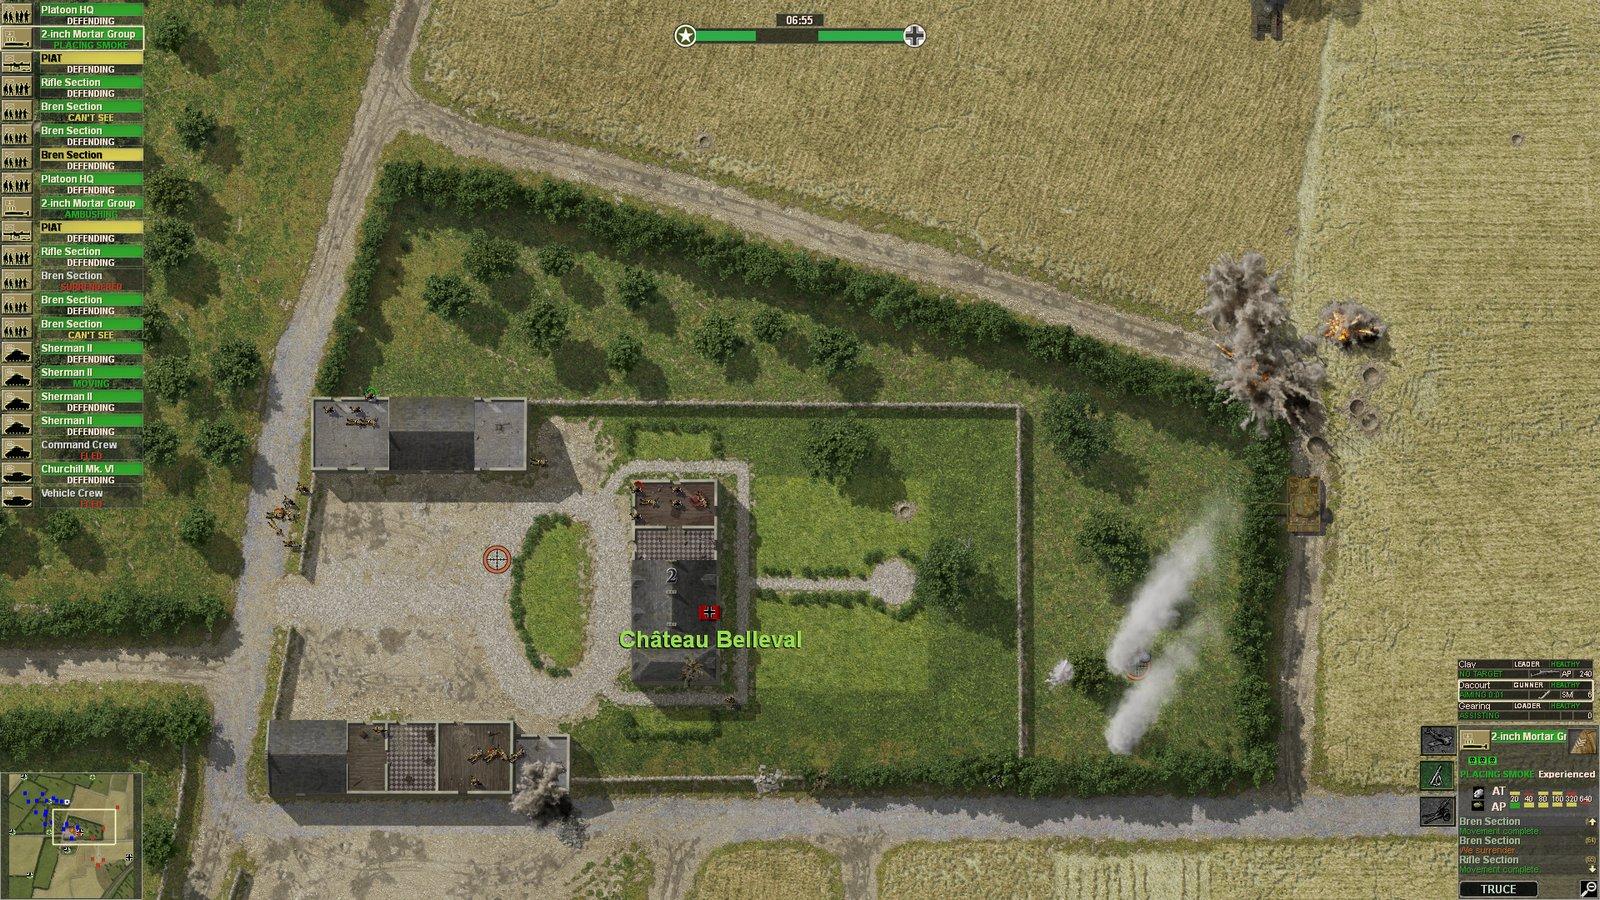 Les Britanniques tentent de protéger Château Belleval en attaquant le Tigre ennemi à l'aide de tirs d'artillerie.